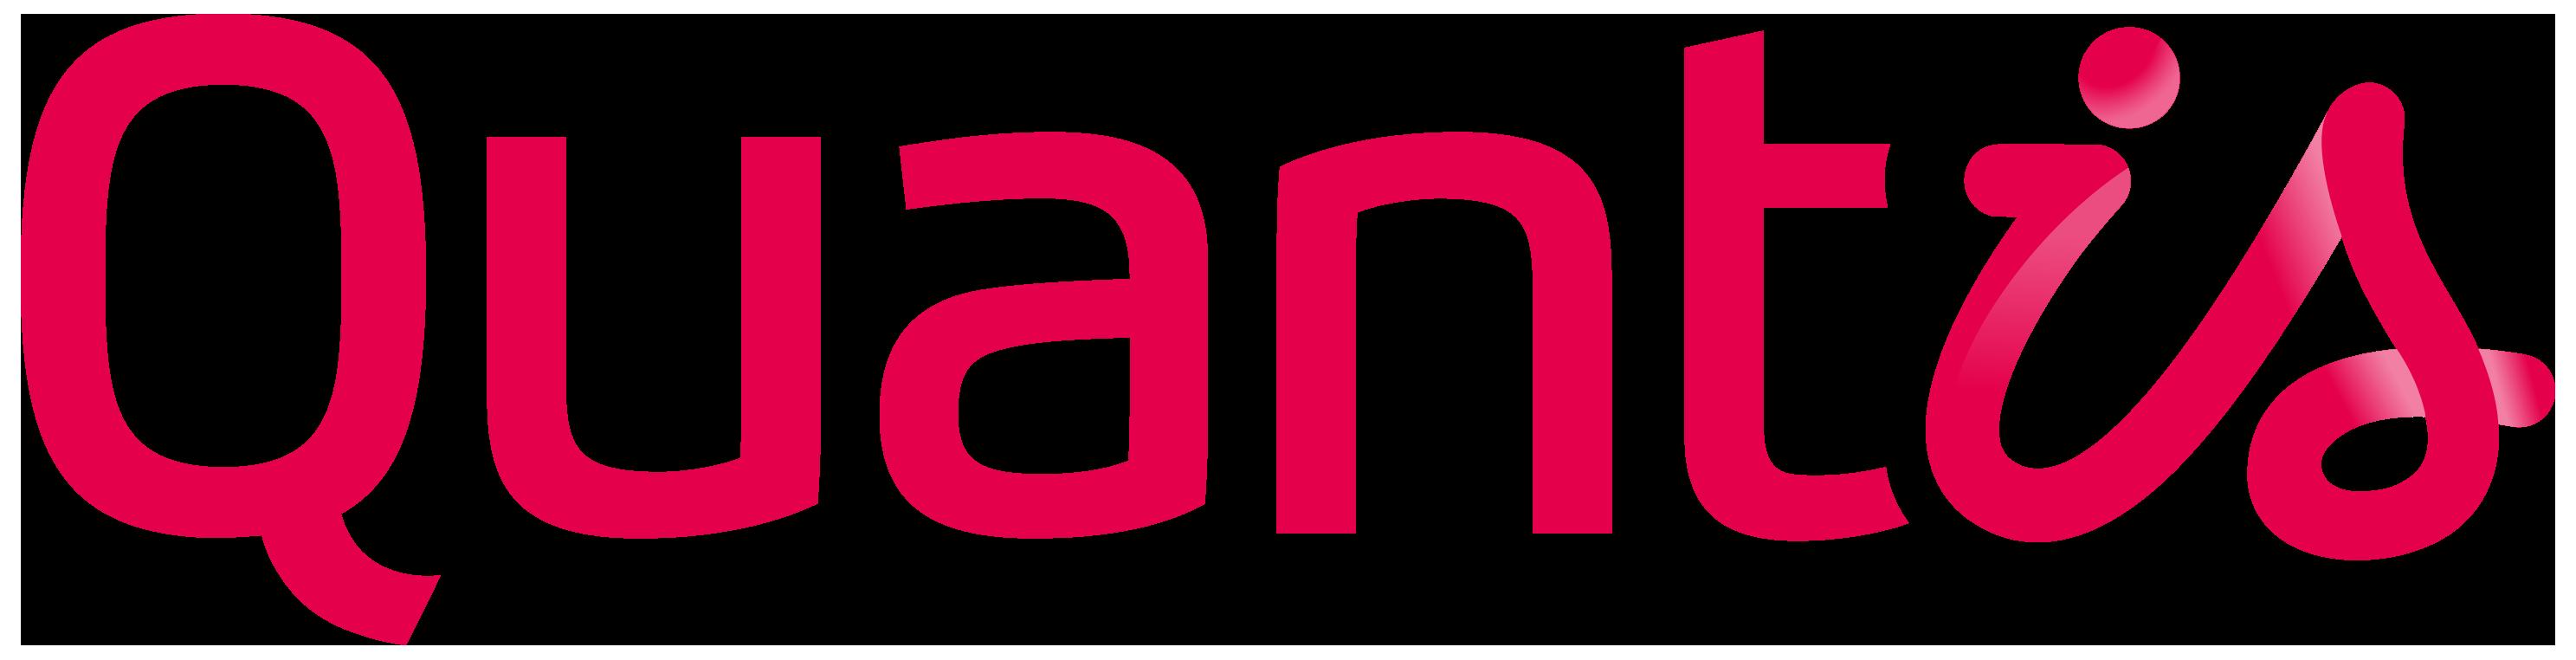 quantis_logo_red_rgb_transparent_background